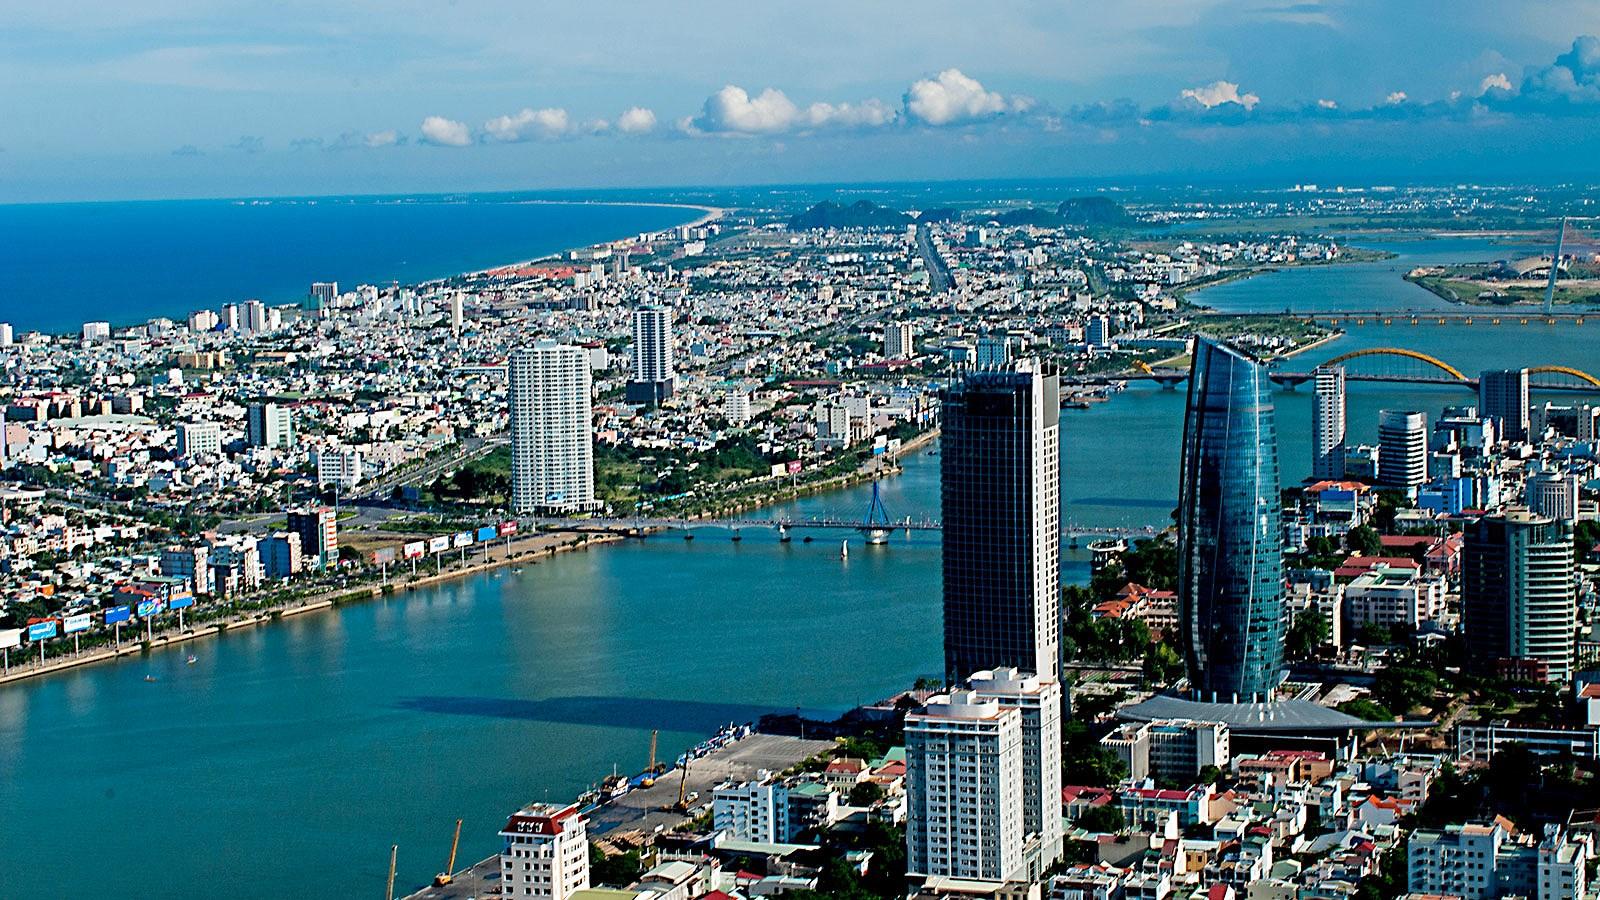 Đà Nẵng kêu gọi đầu tư 60 dự án trong năm 2019 Ảnh 1